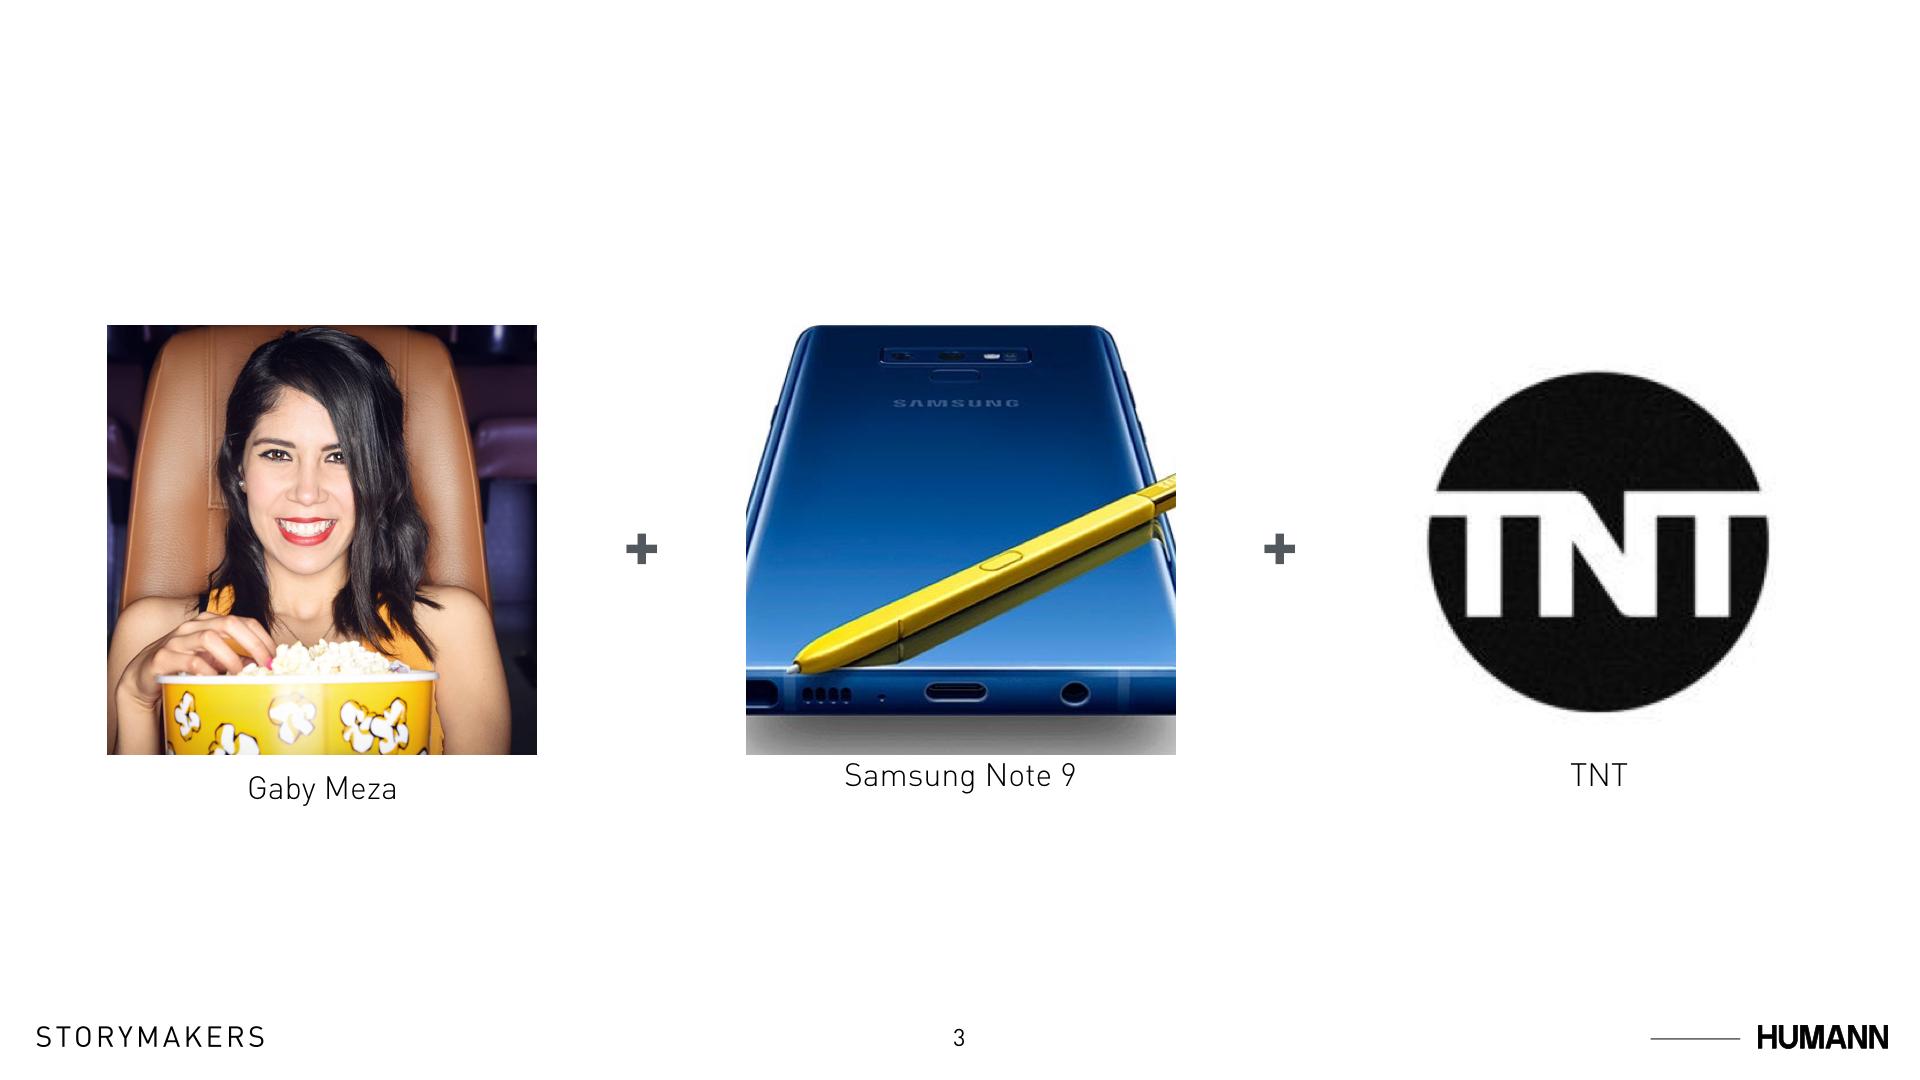 2018_01_17_Samsung_Gaby salva el rodaje con su Note9.003.jpeg